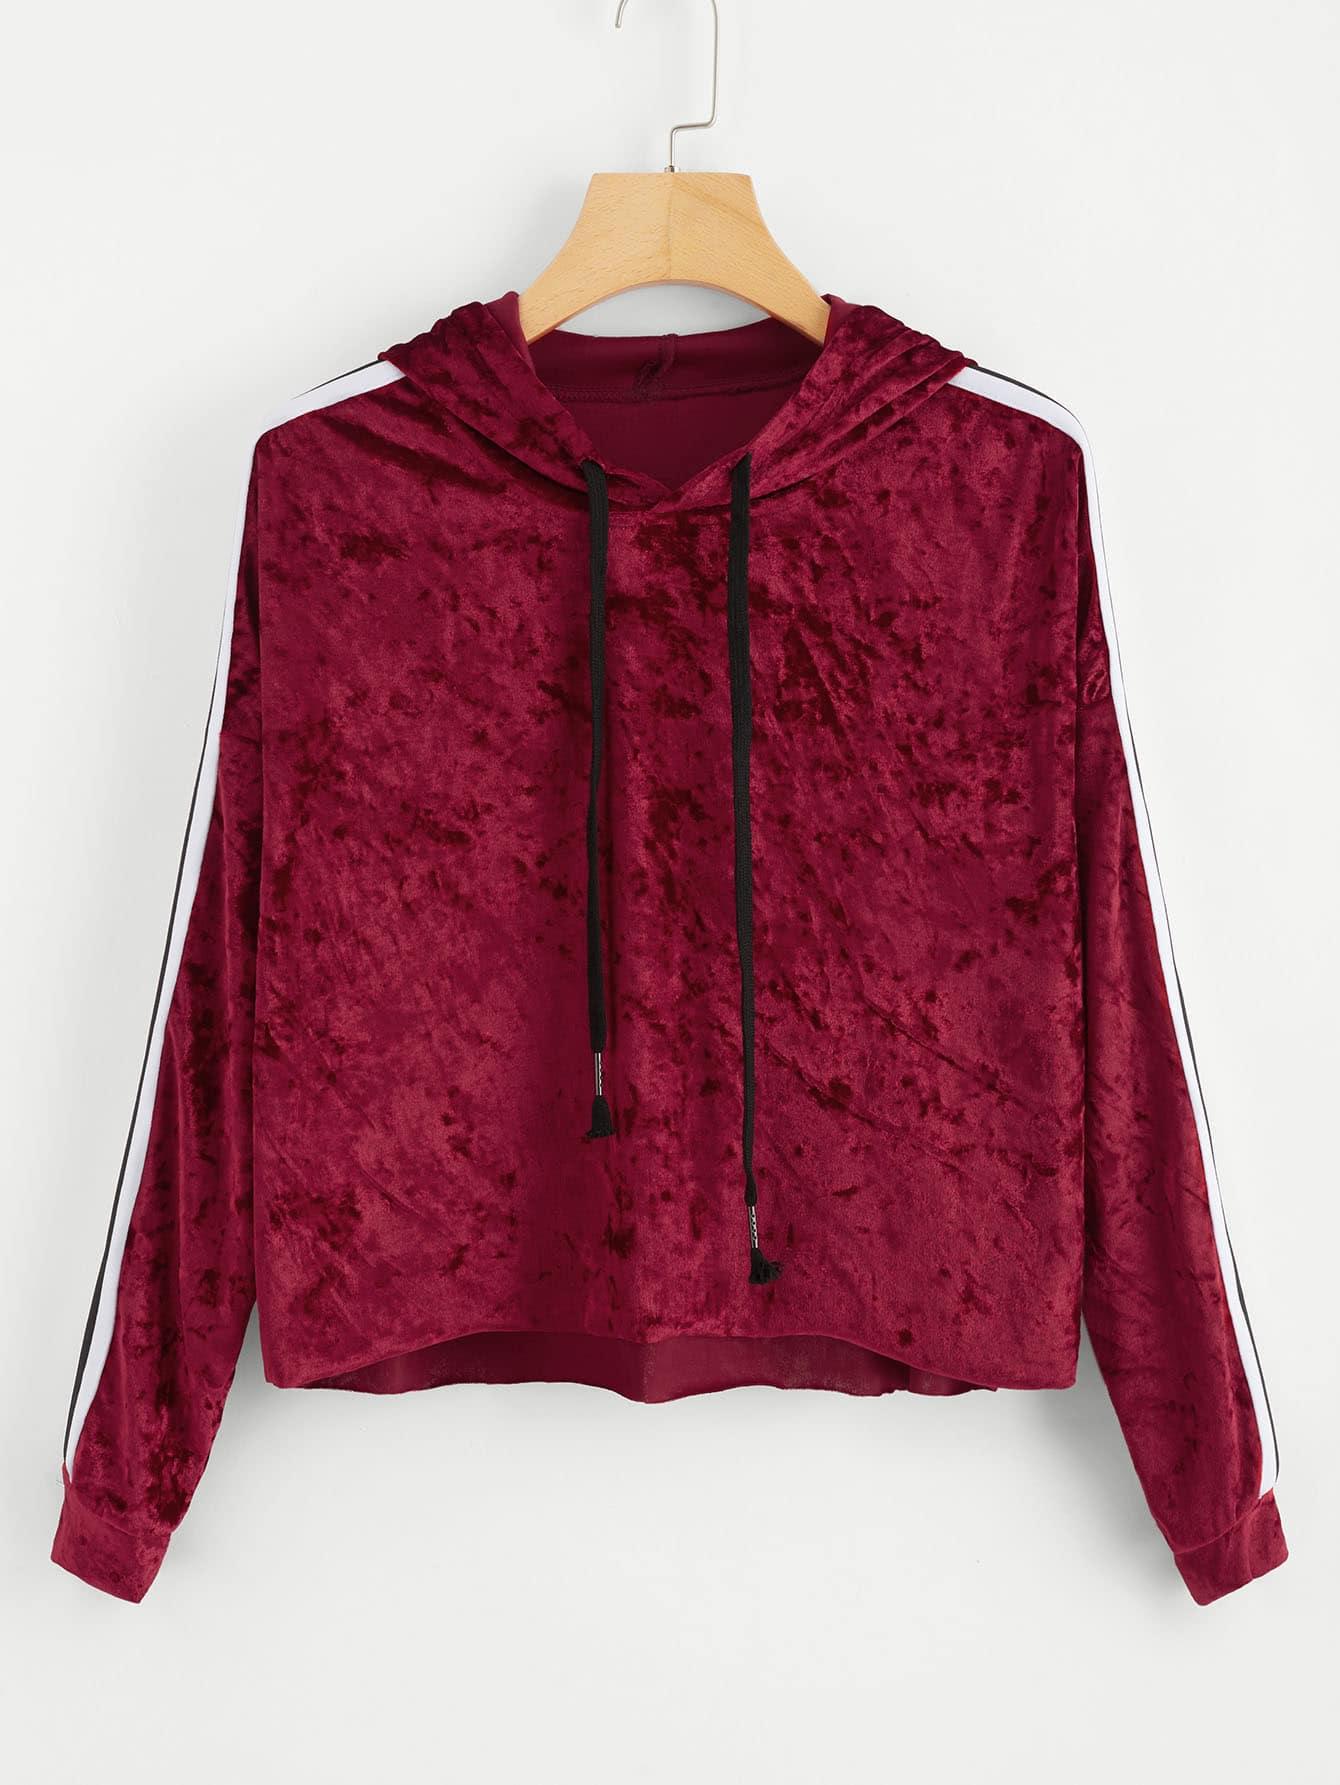 Stripe Tape Drop Shoulder Raw Hem Marled Hoodie two tone drop shoulder sweatshirt